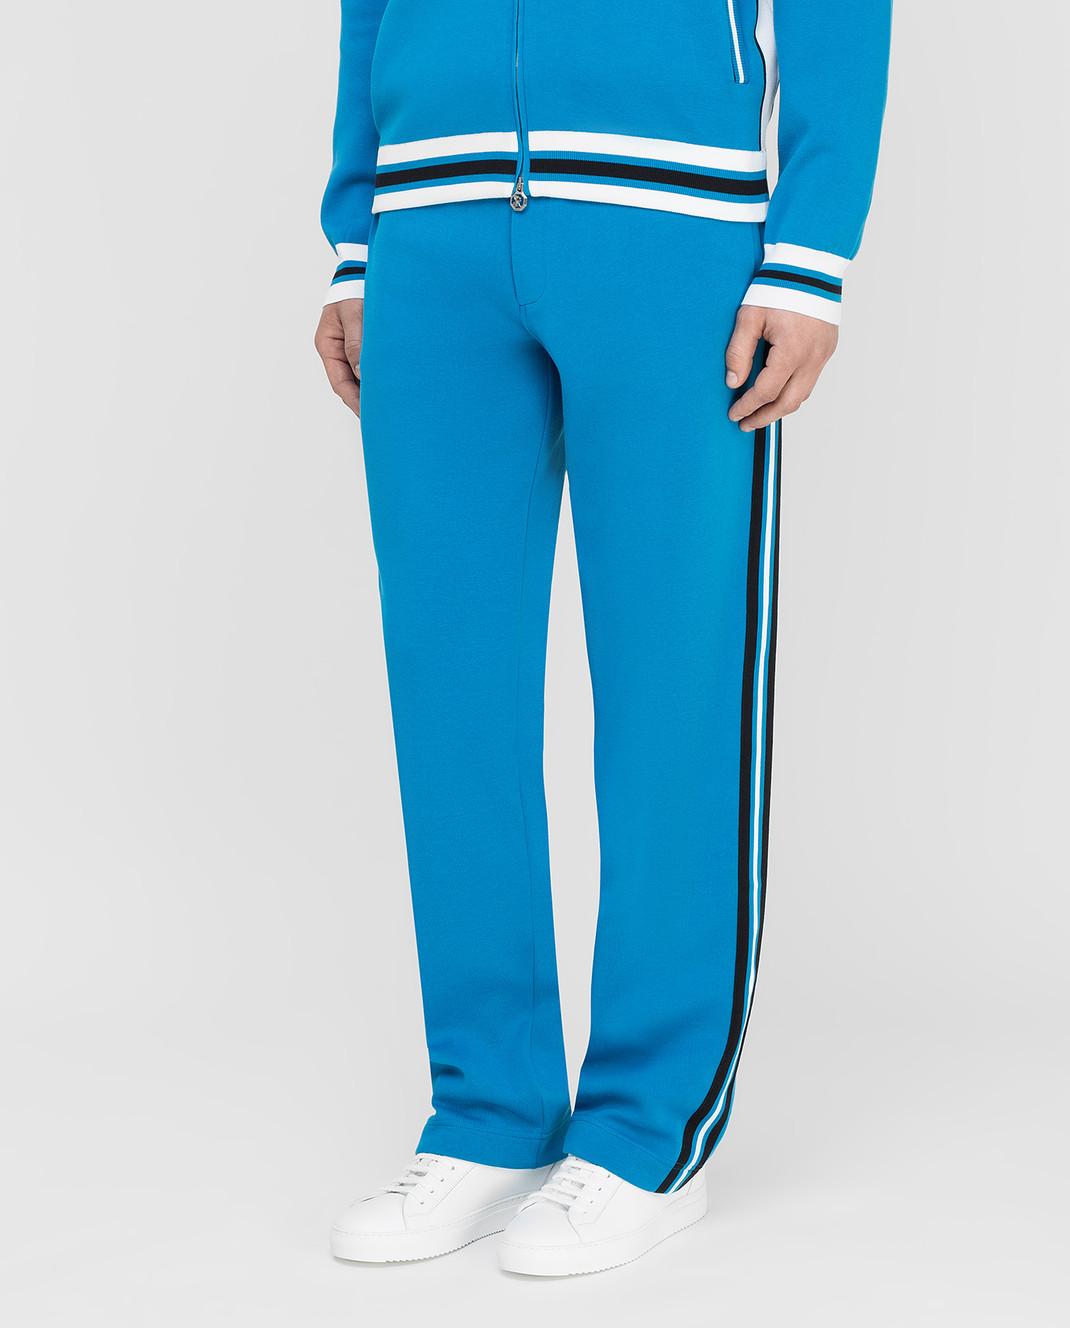 Stefano Ricci Синие спортивные брюки изображение 3